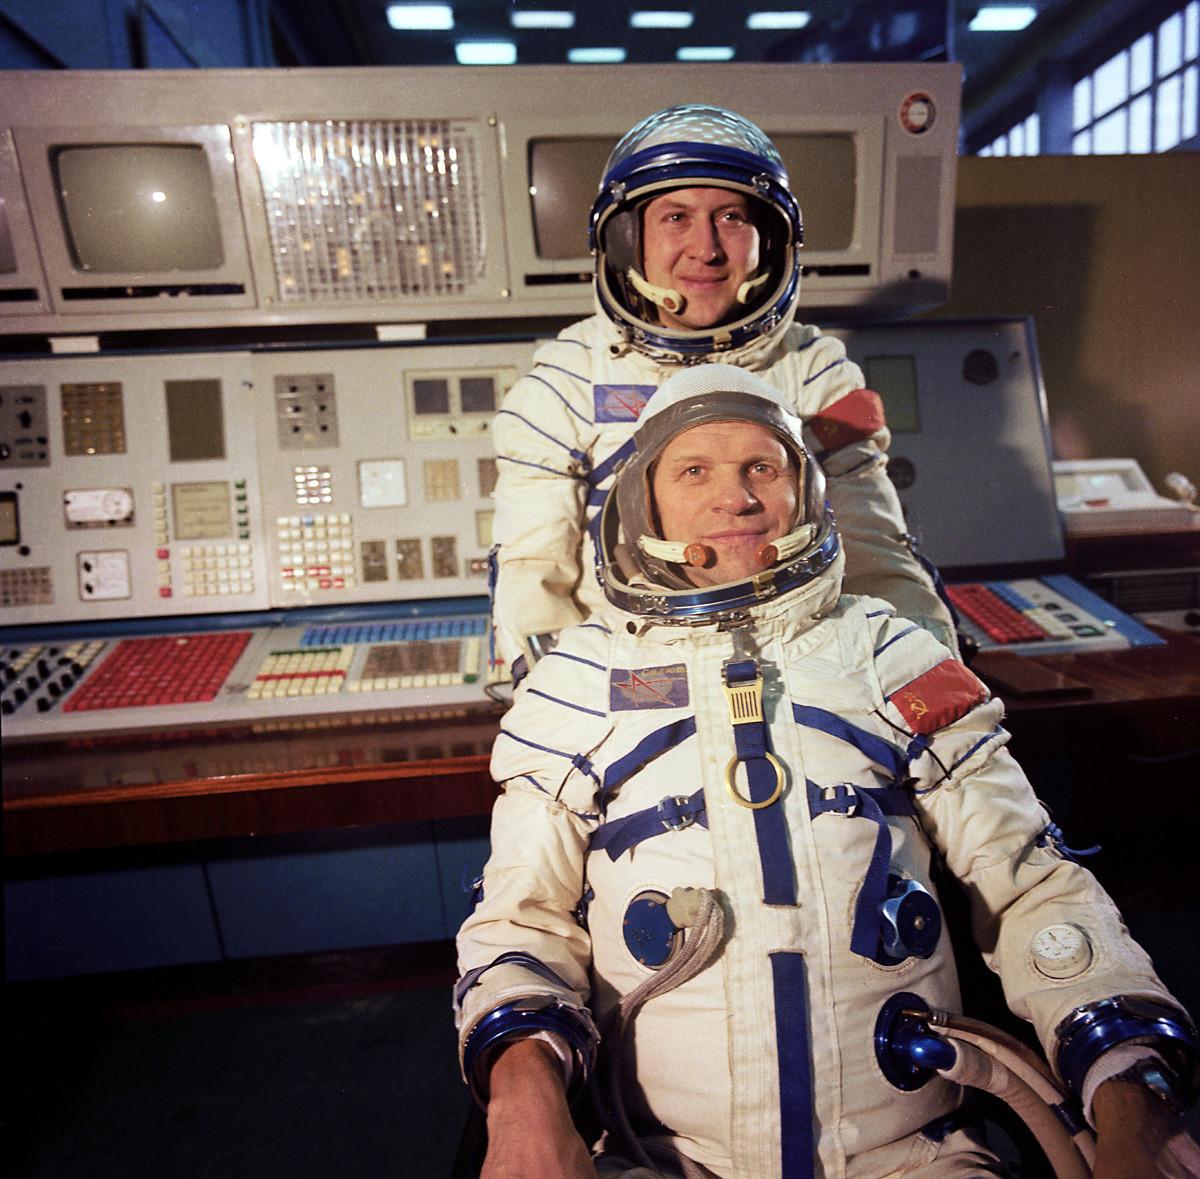 Članovi posade međunarodne kozmičke misije